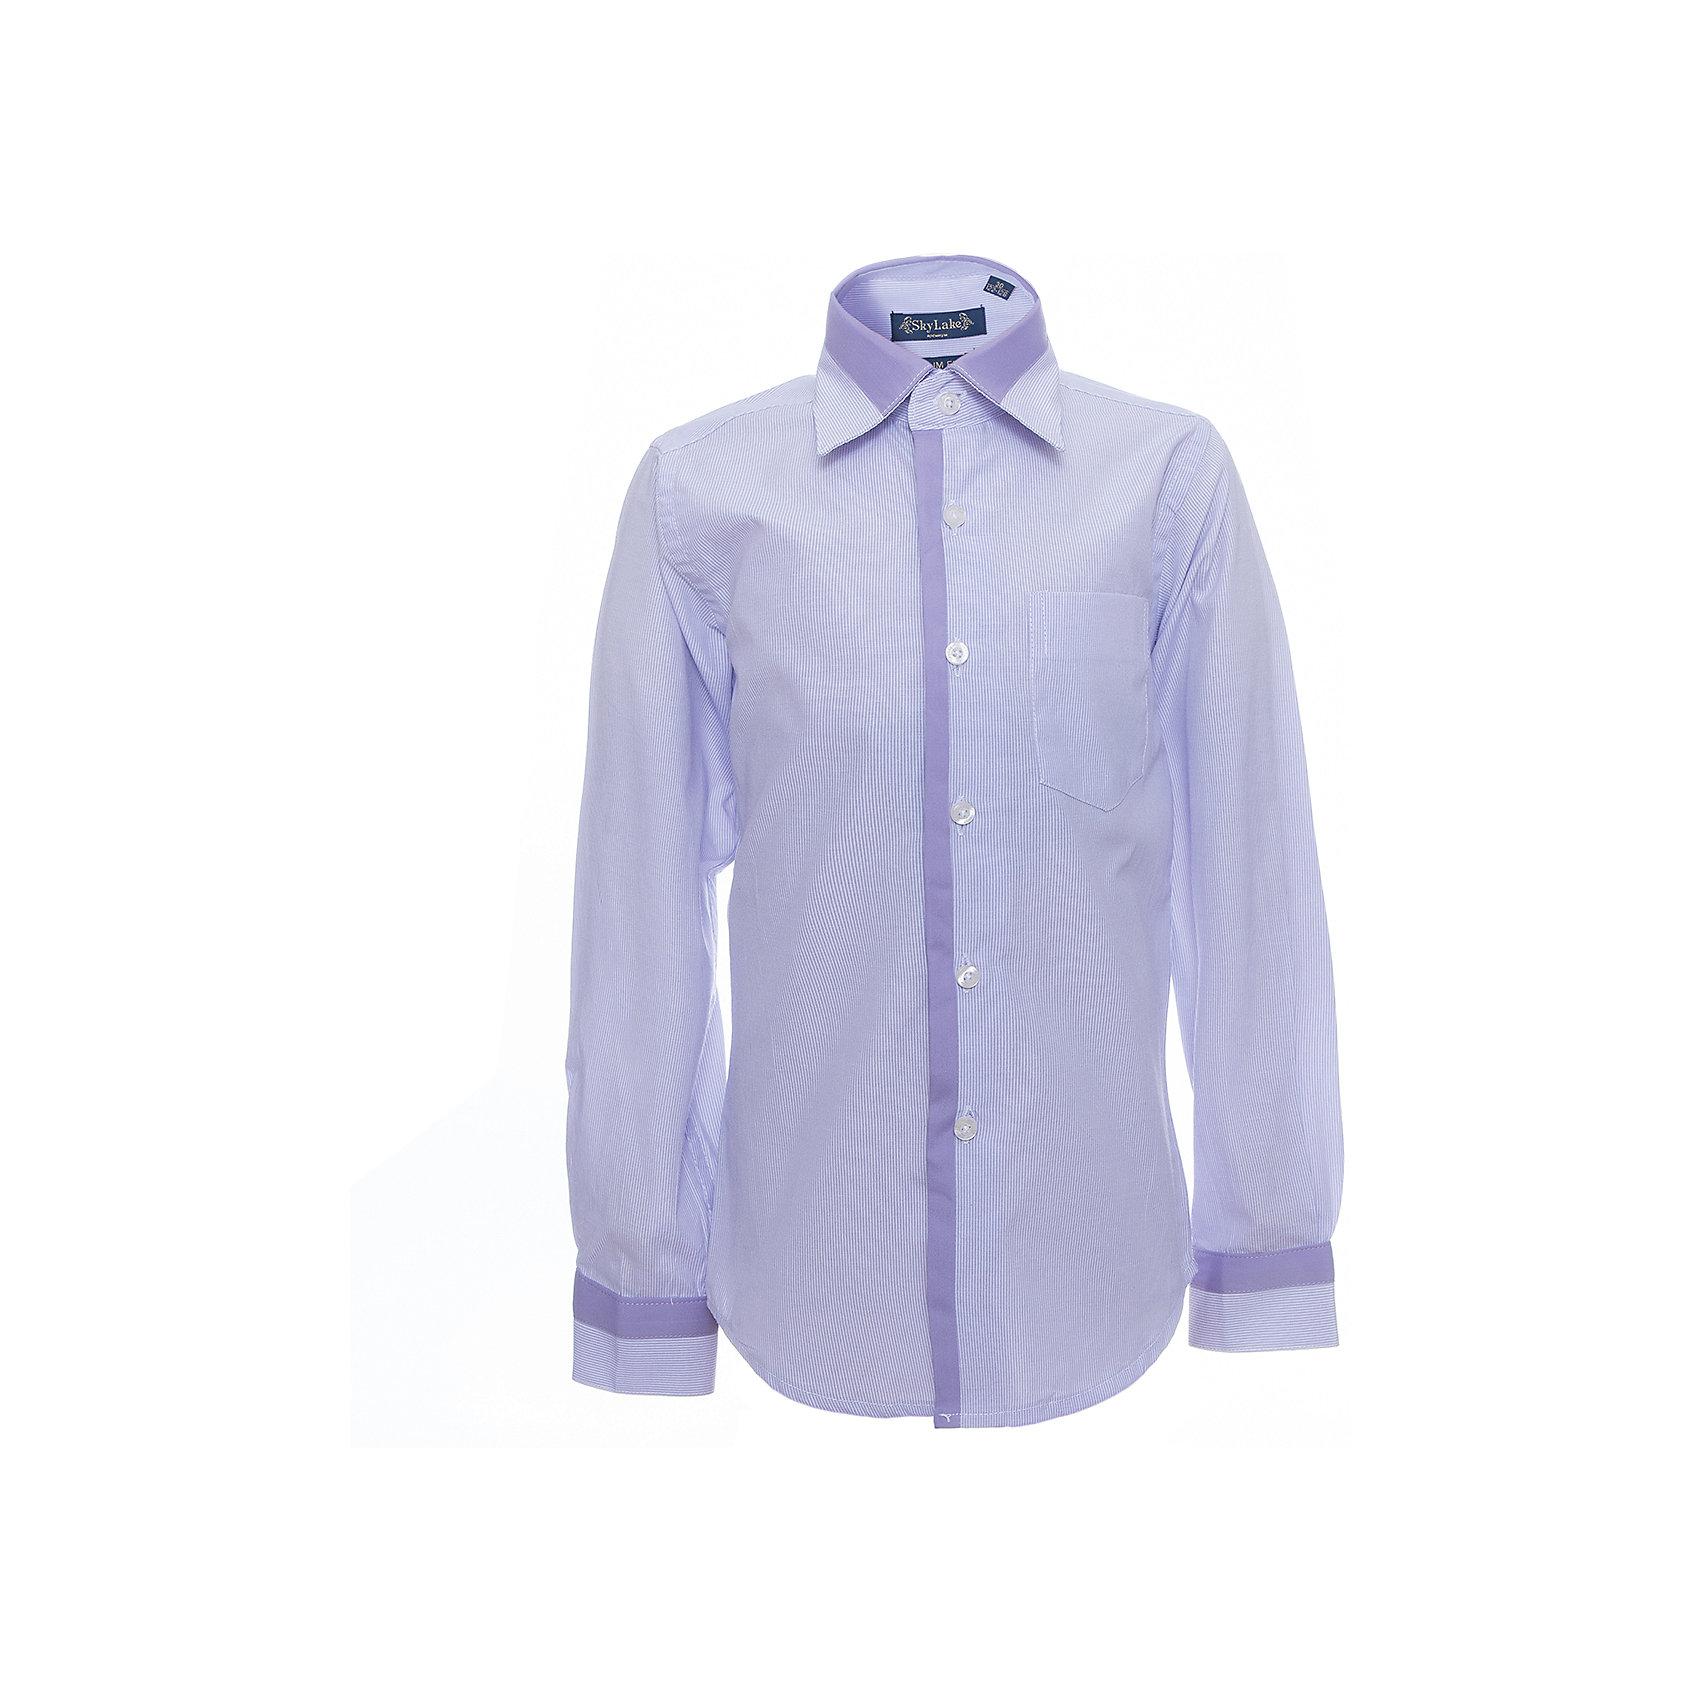 Skylake Рубашка для мальчика PREMIUM Skylake skylake рубашка для мальчика premium skylake